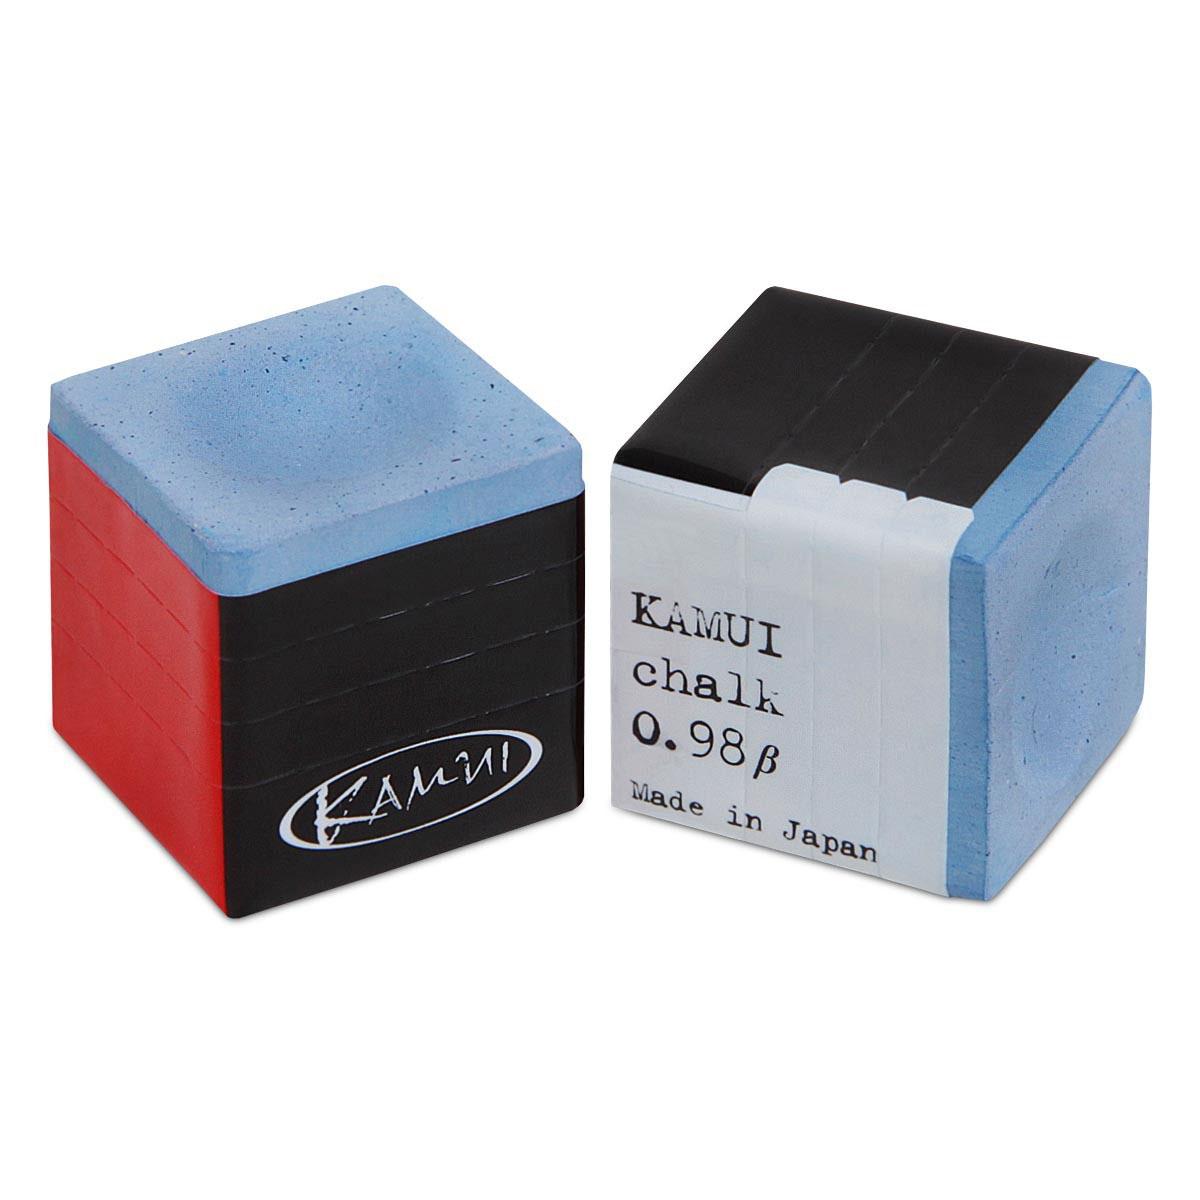 Мел Kamui, цвет: синий4761Мел Kamui произвел революцию в бильярдном мире. Игроки получили возможность усовершенствовать технику своей игры, делая более точные удары, избегая кикса. Секрет – в необыкновенных качествах мела, состоящего из мельчайших фракций, обладающего высокой степенью сцепления и увеличивающего площадь контакта наклейки кия с битком. Также благодаря наибольшей проникающей способности этот мел дольше остается на наклейке кия, поэтому нет необходимости ее мелить перед каждым ударом.